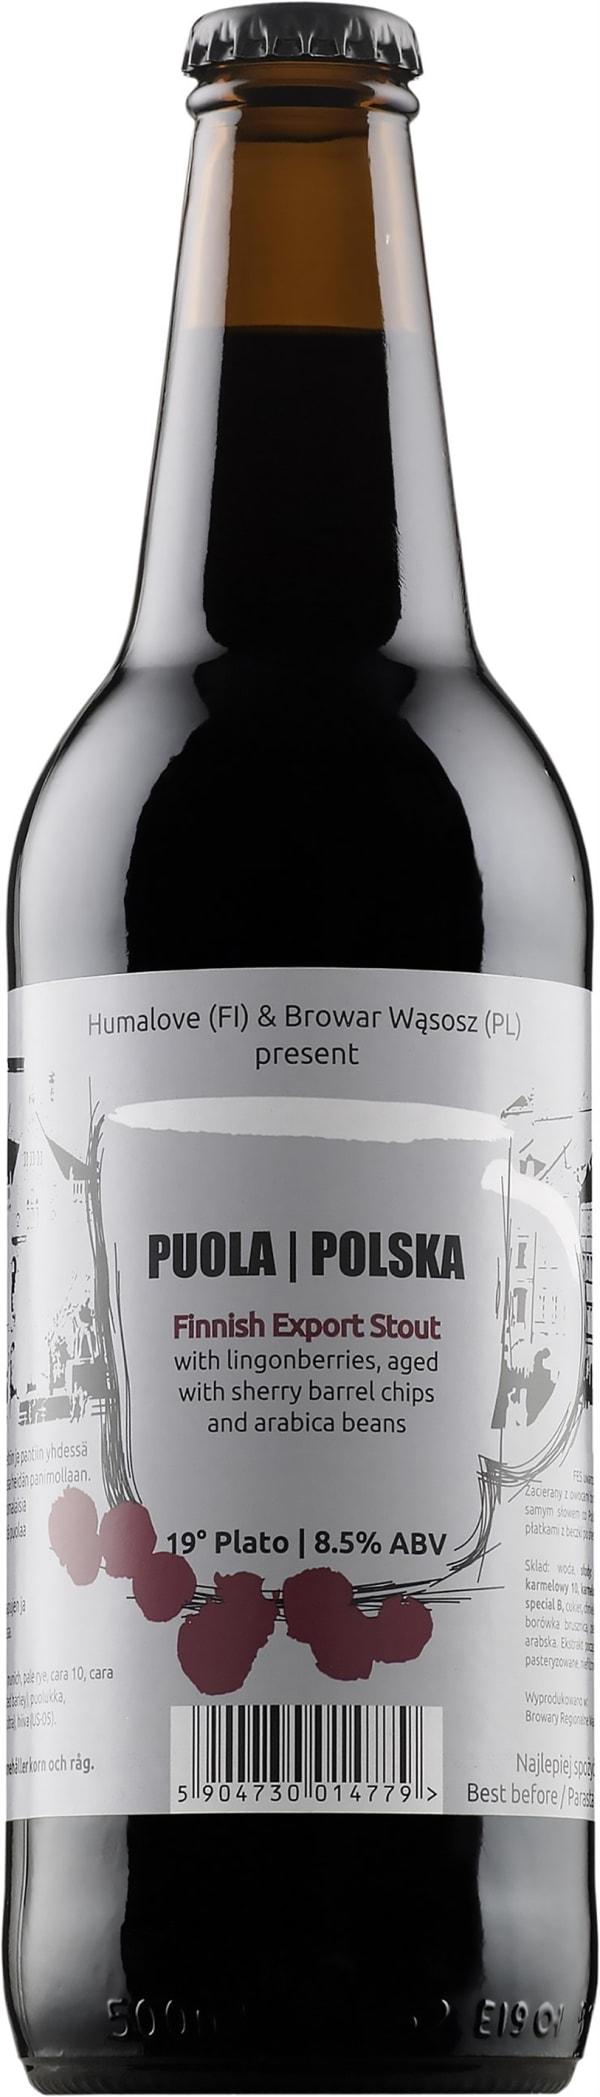 Humalove & Browar Wasosz  Puola   Polska